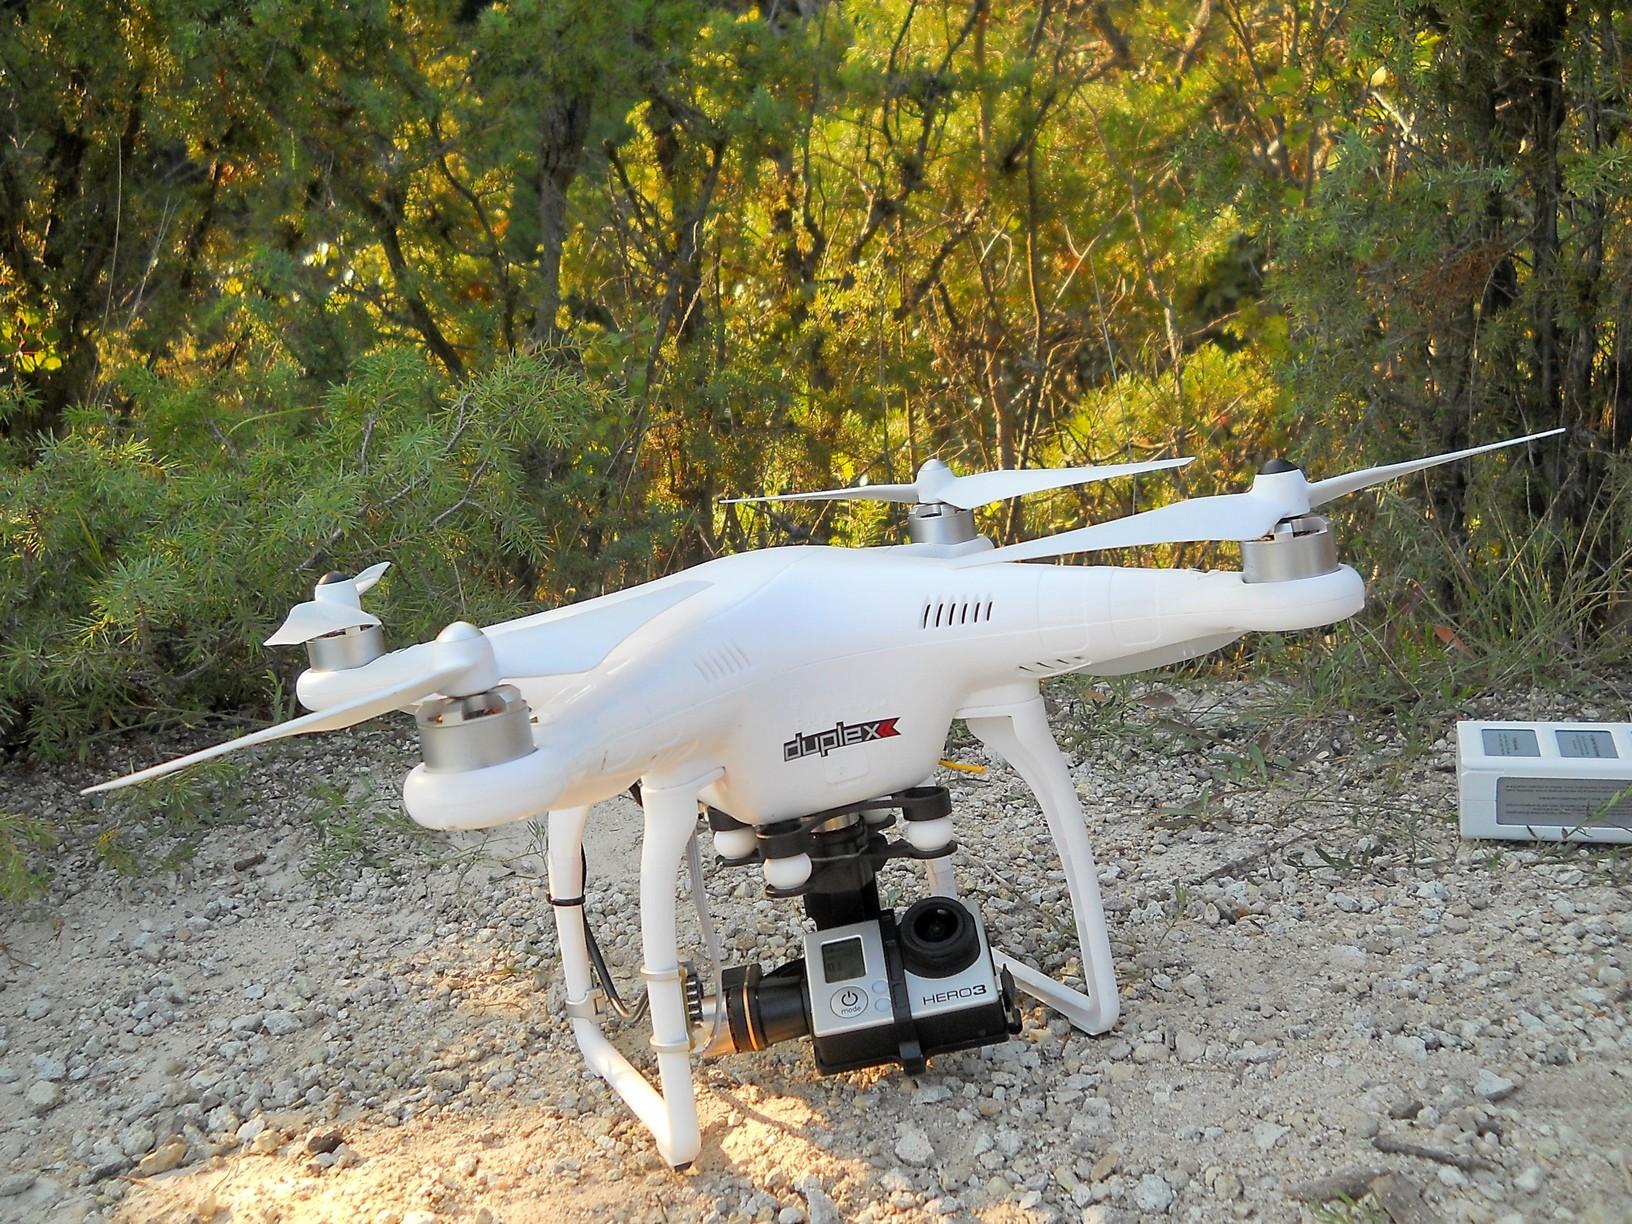 Ilyen egy drón közelről